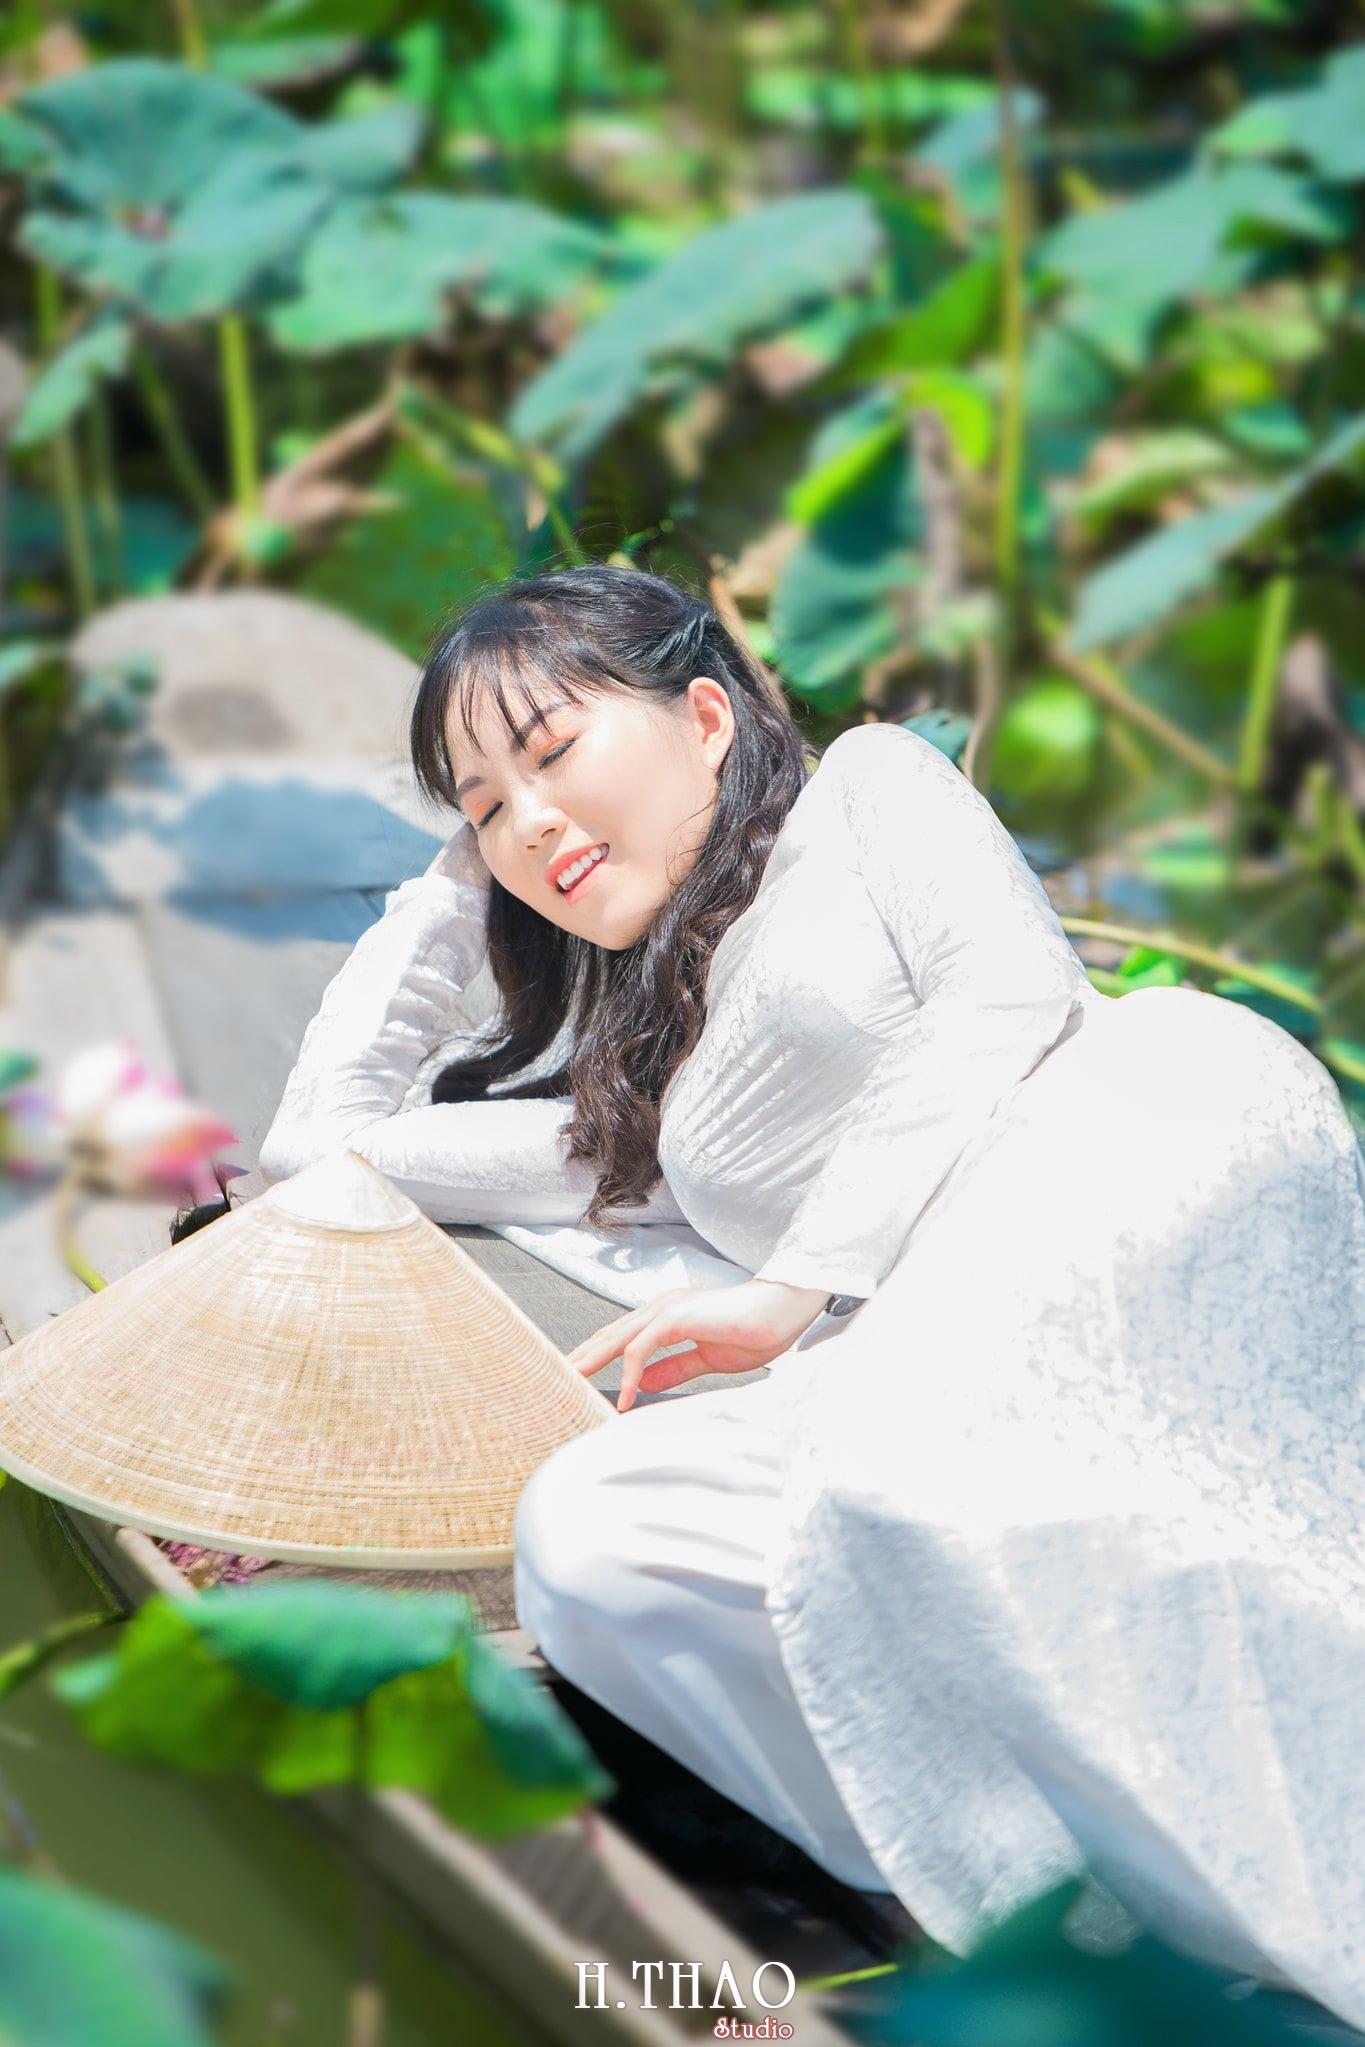 nh áo dài hoa sen 15 - Góc ảnh thiếu nữ áo dài bên hoa sen đẹp tinh khôi- HThao Studio